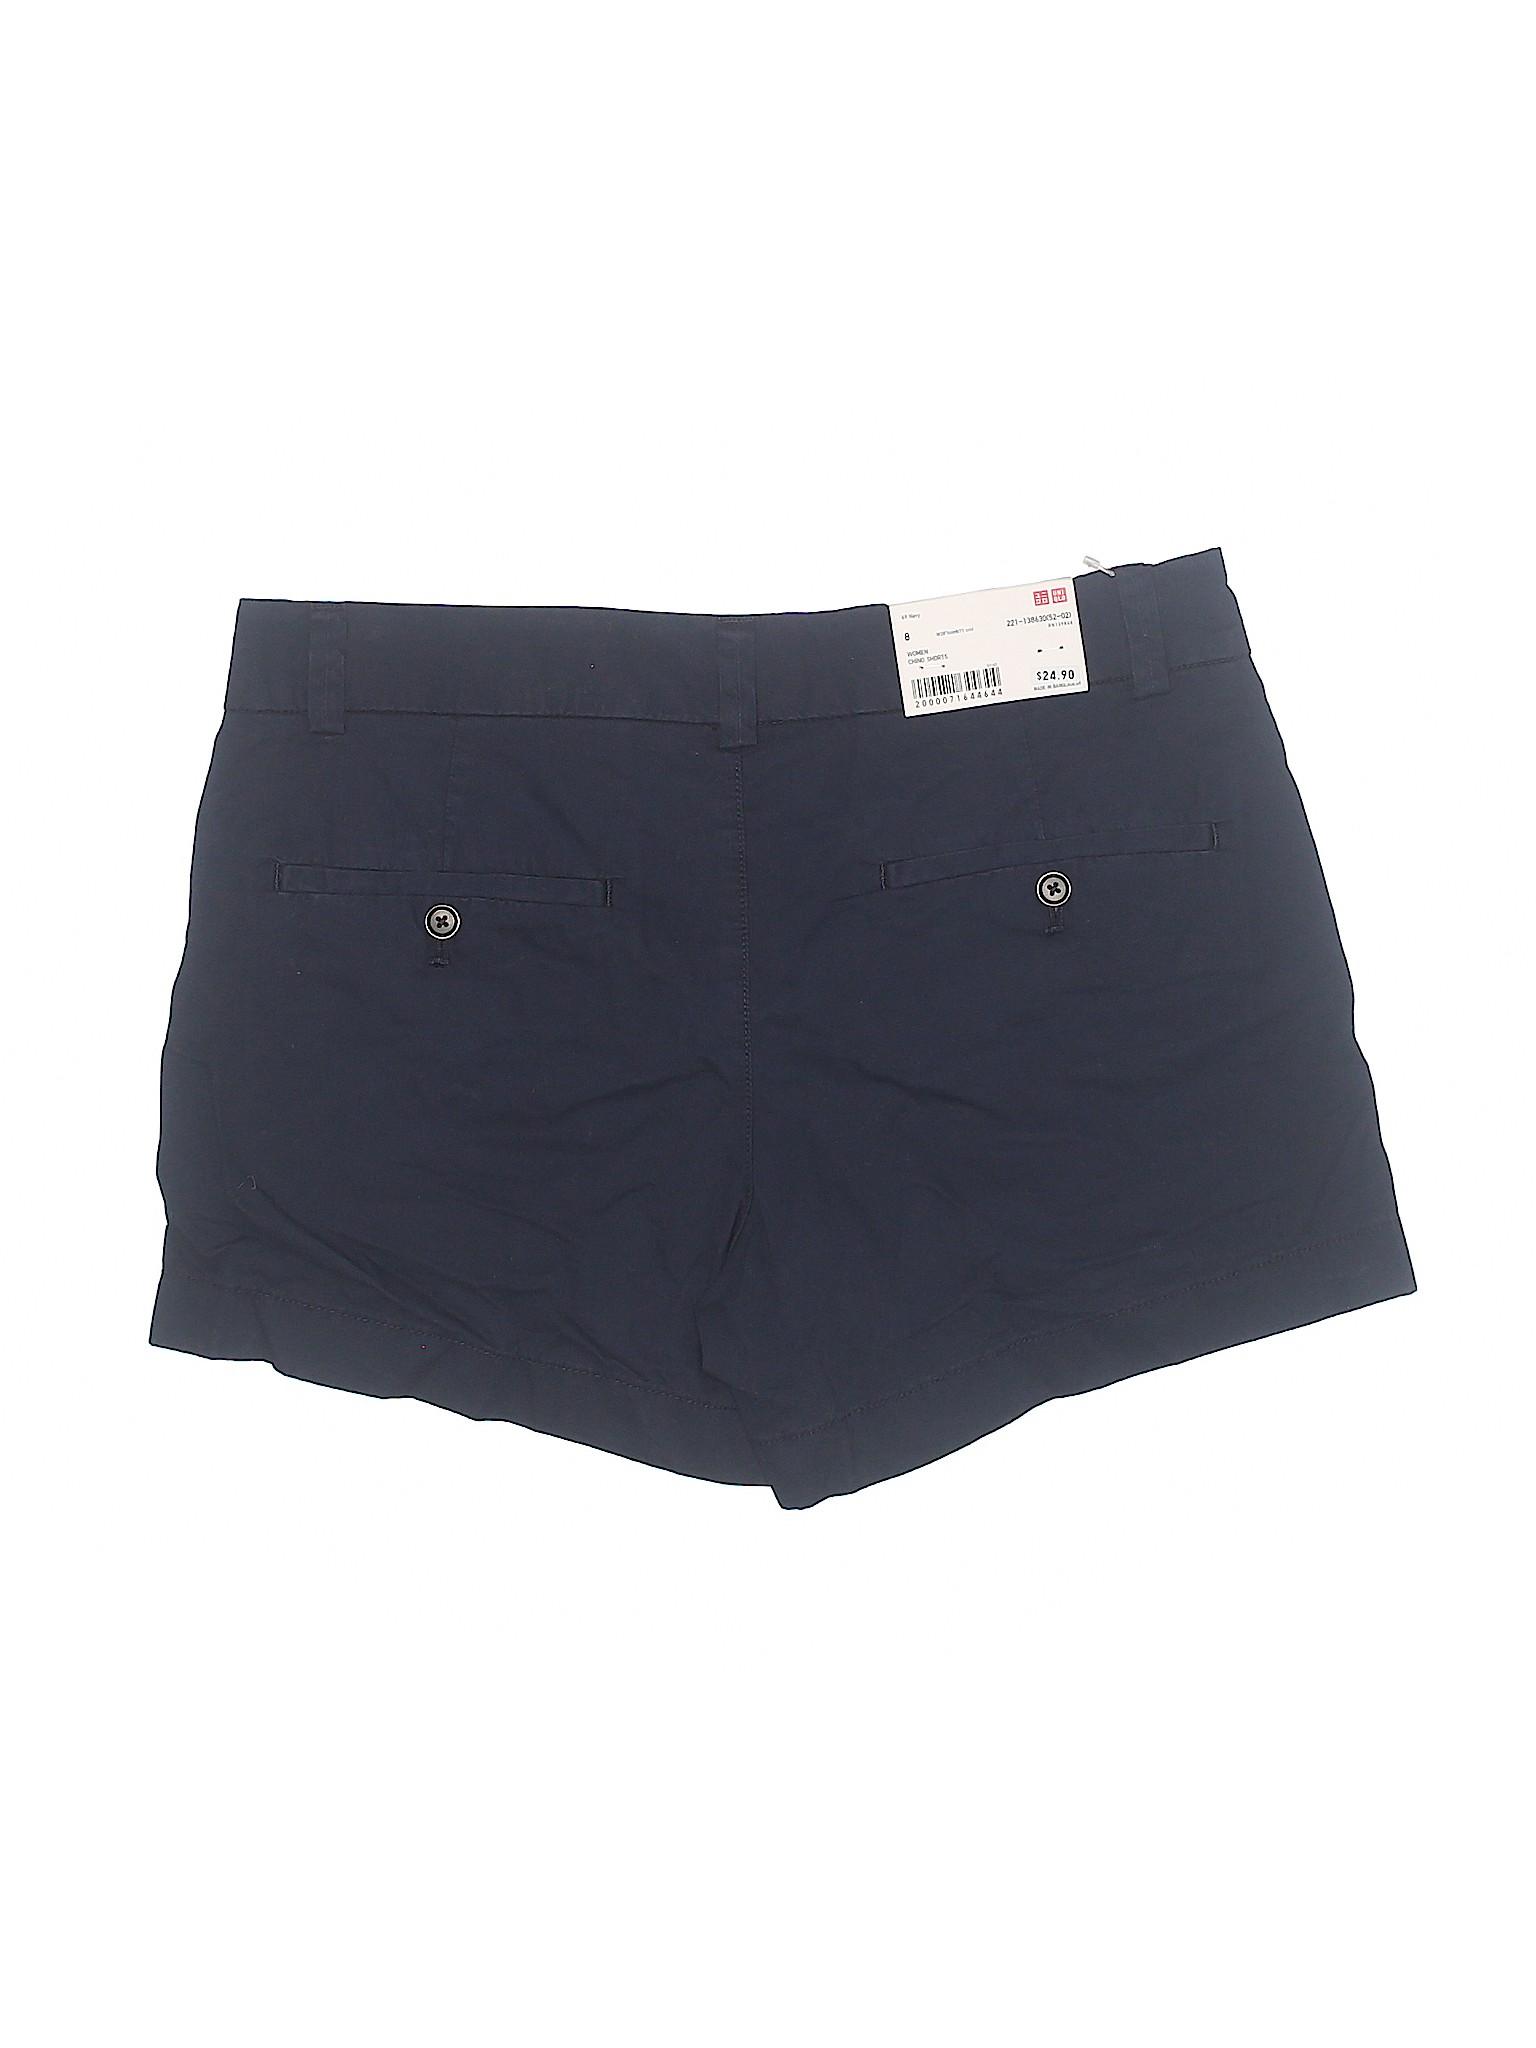 Uniqlo Boutique Uniqlo Boutique Shorts Khaki qYxY1ZwE